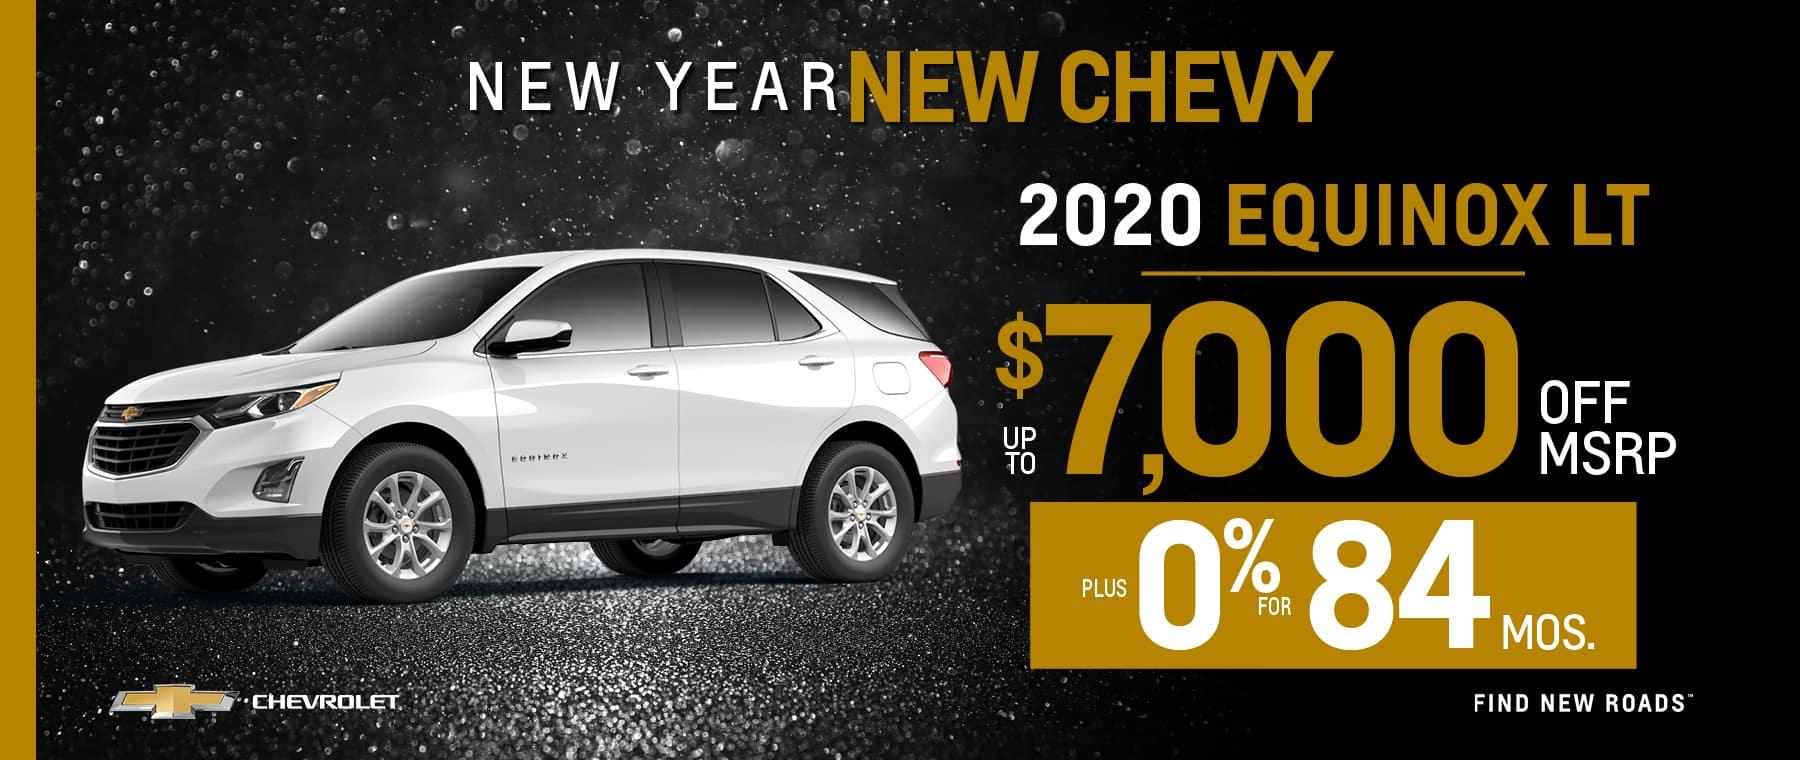 54507-WB-COWC New Year New Chevy 1800x760_v22